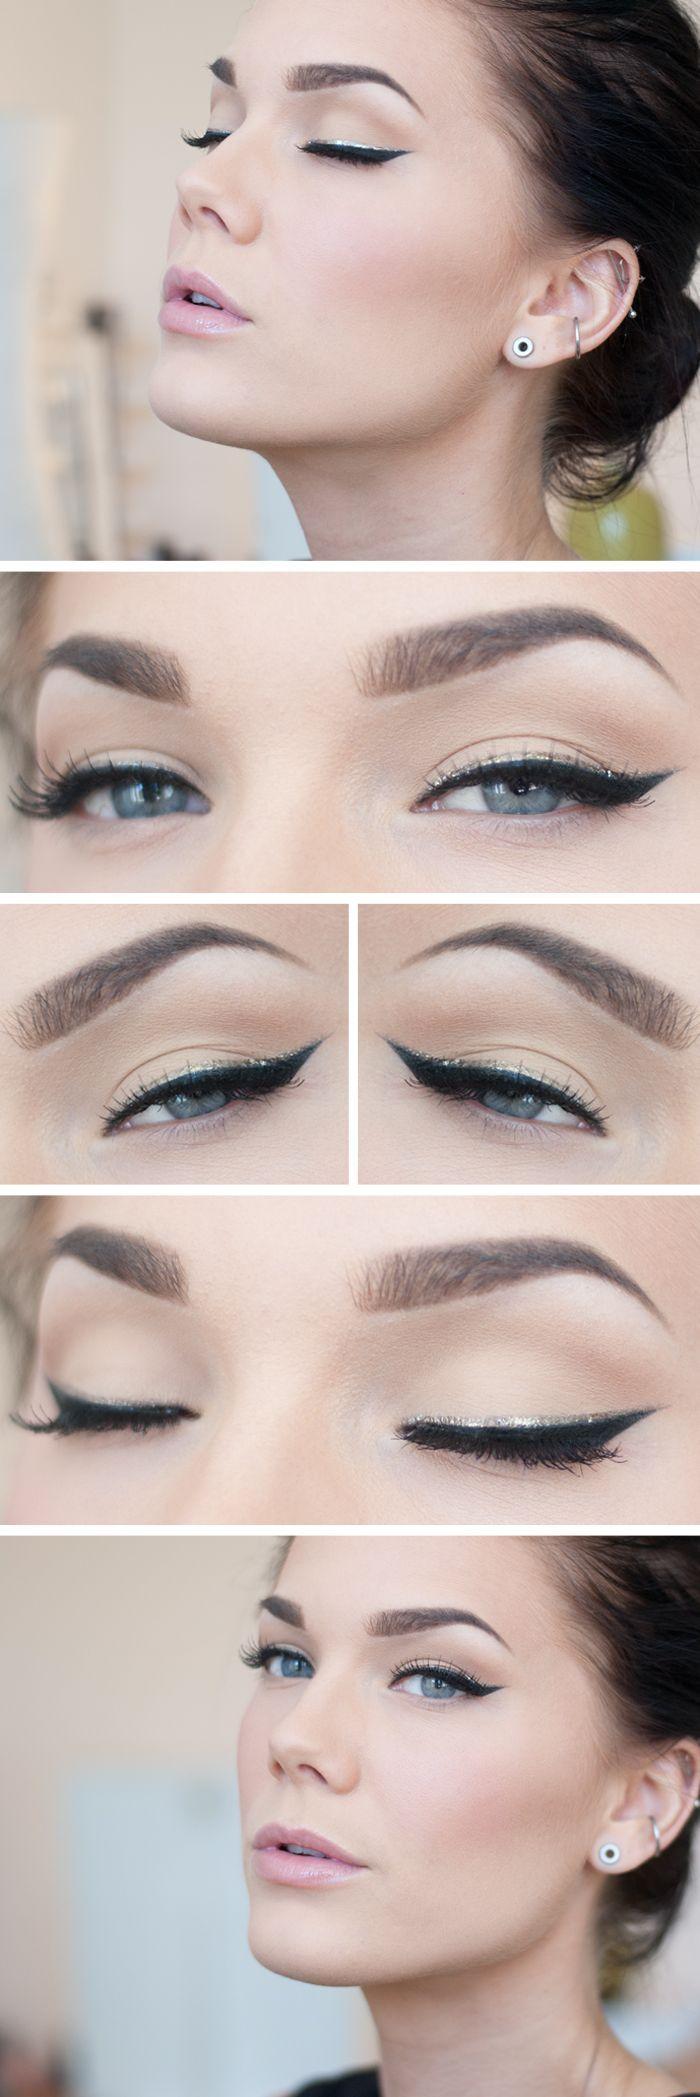 best make up u nails images on pinterest beauty makeup